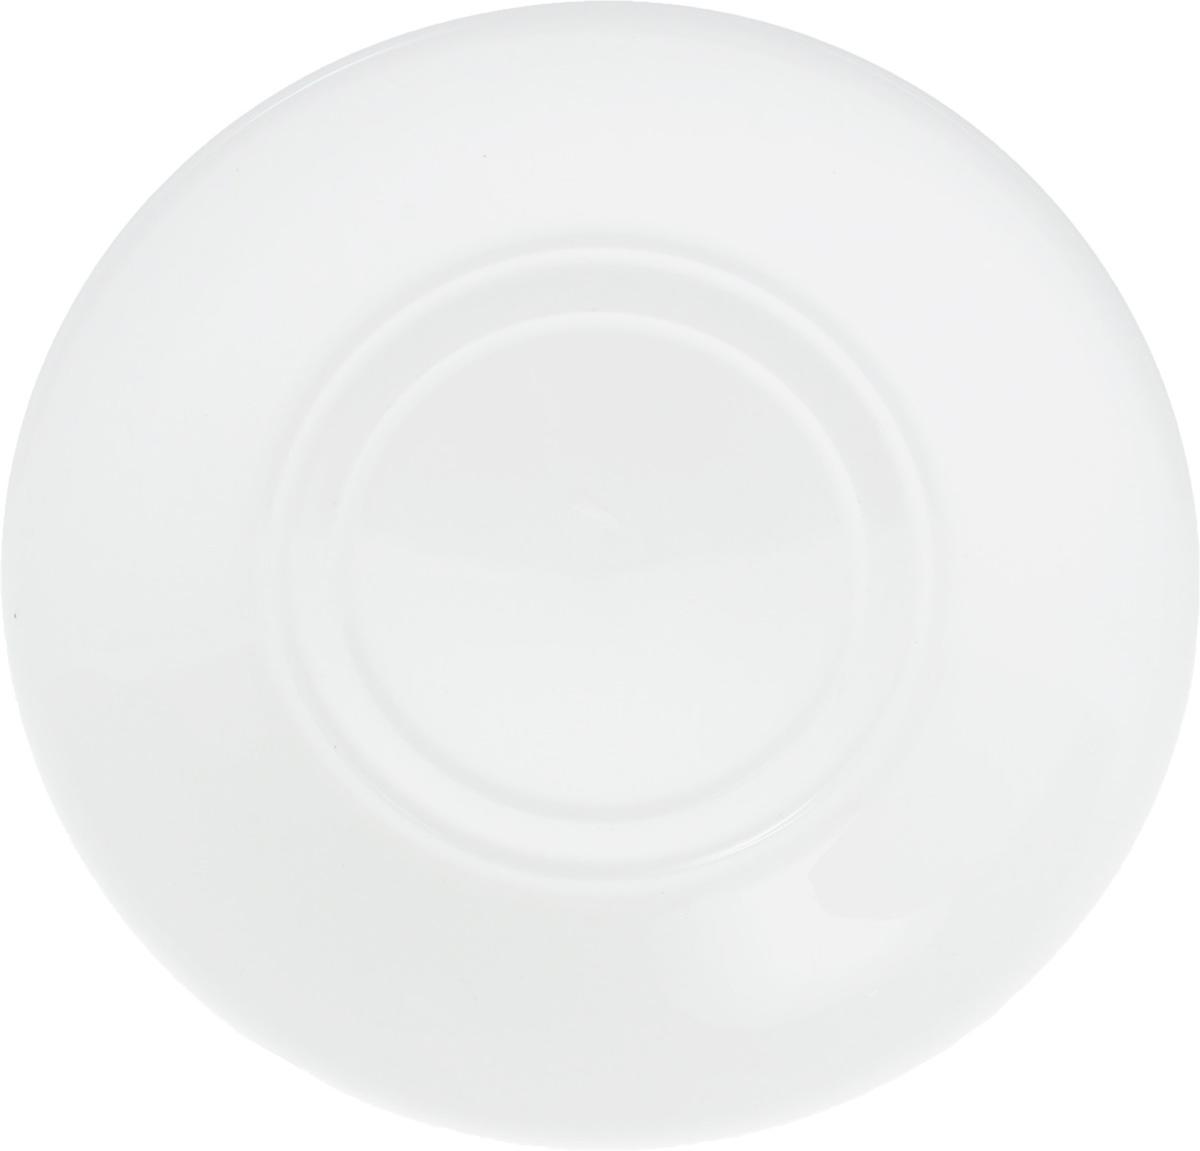 Блюдце Wilmax, диаметр 15 смWL-996100 / AОригинальное блюдце Wilmax изготовлено из фарфора с глазурованным покрытием. Фарфор от Wilmax изготовлен по уникальному рецепту из сплава магния и алюминия, благодаря чему посуда обладает характерной белизной, прочностью и устойчивостью к сколами. Особый состав глазури обеспечивает гладкость и блеск поверхности изделия. Изделие сочетает в себе изысканный дизайн с максимальной функциональностью. Блюдце прекрасно впишется в интерьер вашей кухни и станет достойным дополнением к кухонному инвентарю. Можно мыть в посудомоечной машине и использовать в микроволновой печи. Изделие пригодно для использования в духовых печах и выдерживает температуру до 300°С. Диаметр: 15 см. Высота: 2 см.